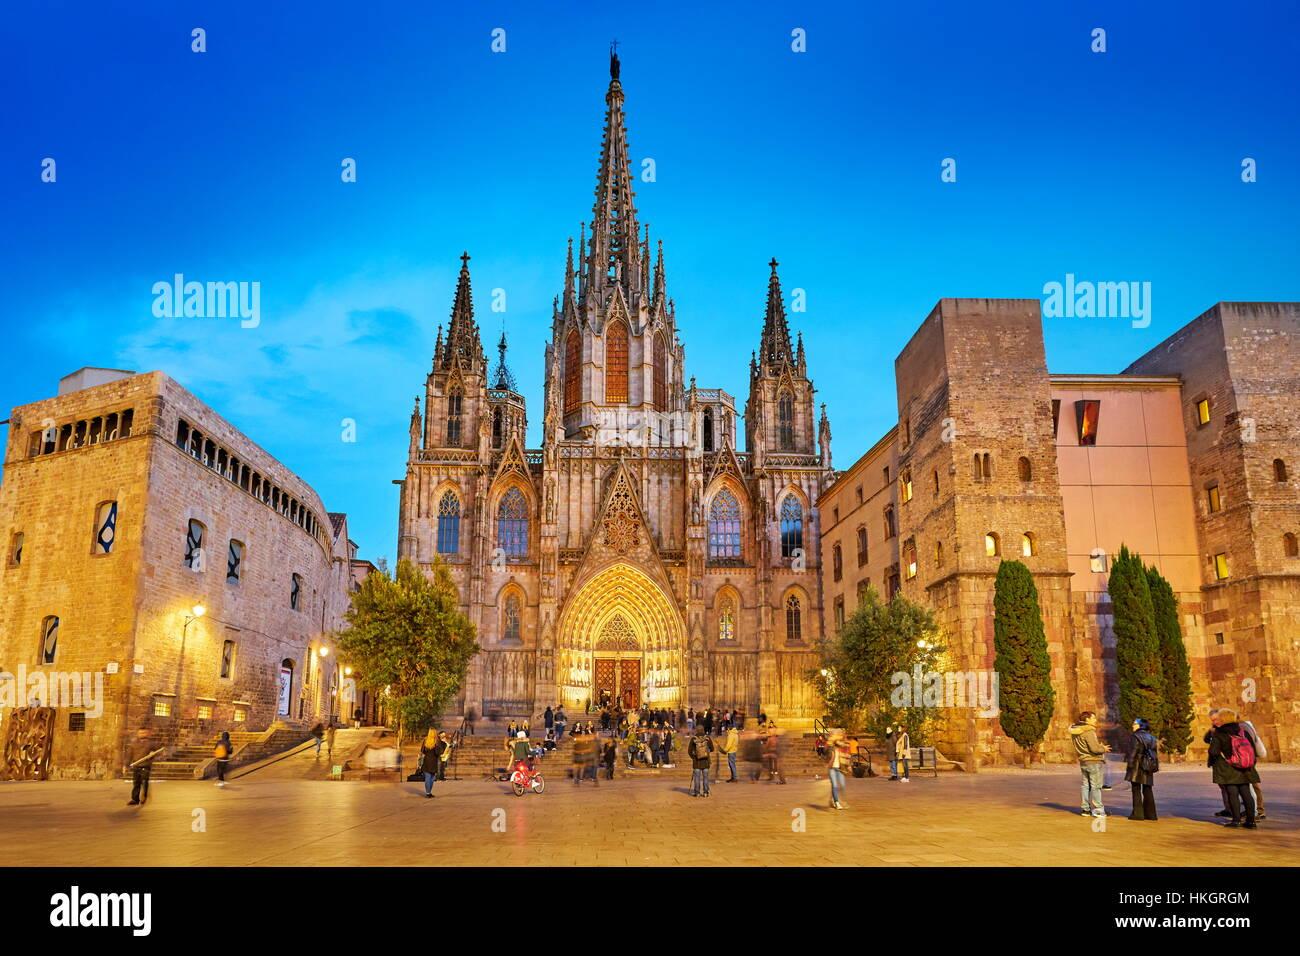 La Catedral de Barcelona por la noche, Barri Ghotic Trimestre, Cataluña, España Imagen De Stock